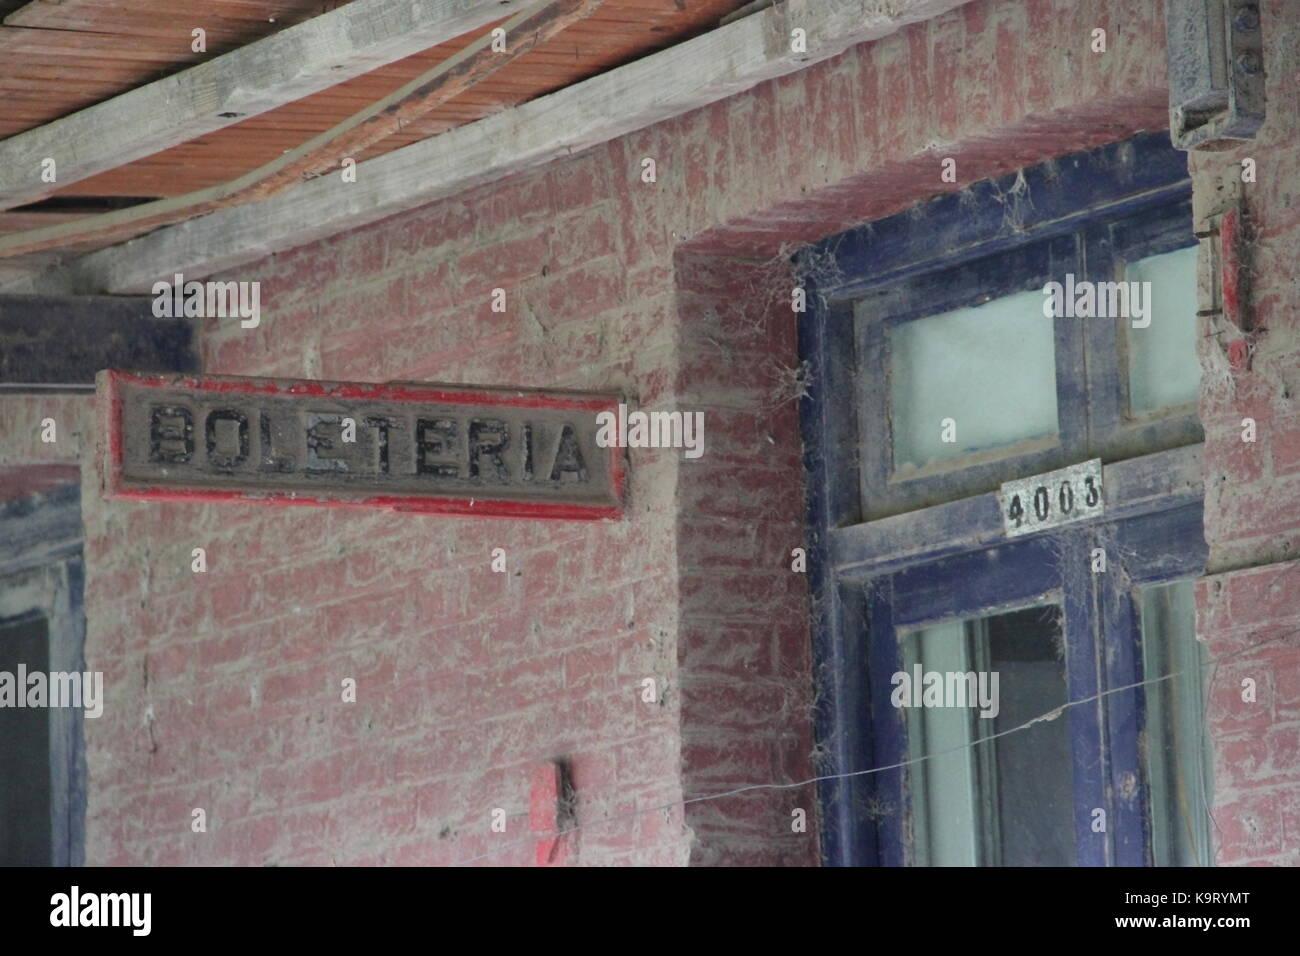 Estación de tren abandonada de la provincia de Santa Fe, Argentina Imagen De Stock